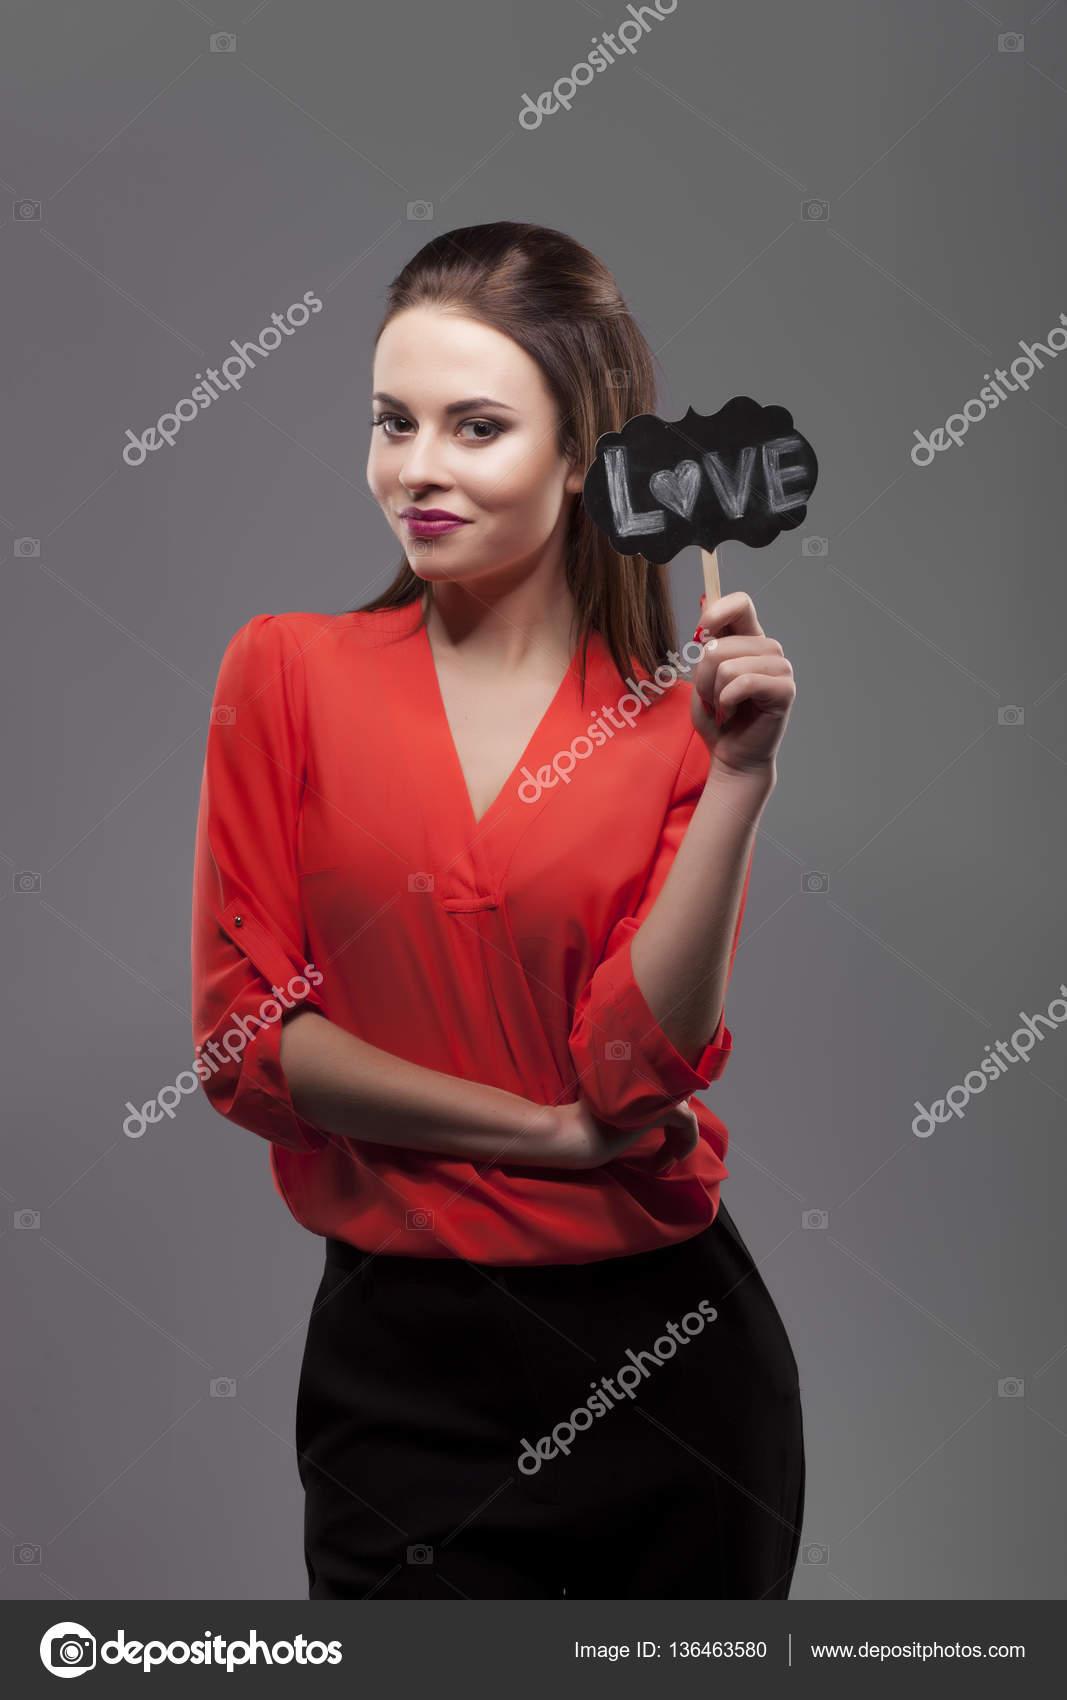 Ziemlich sexy Mode sinnliche Brünette Frau posiert auf grauem ...